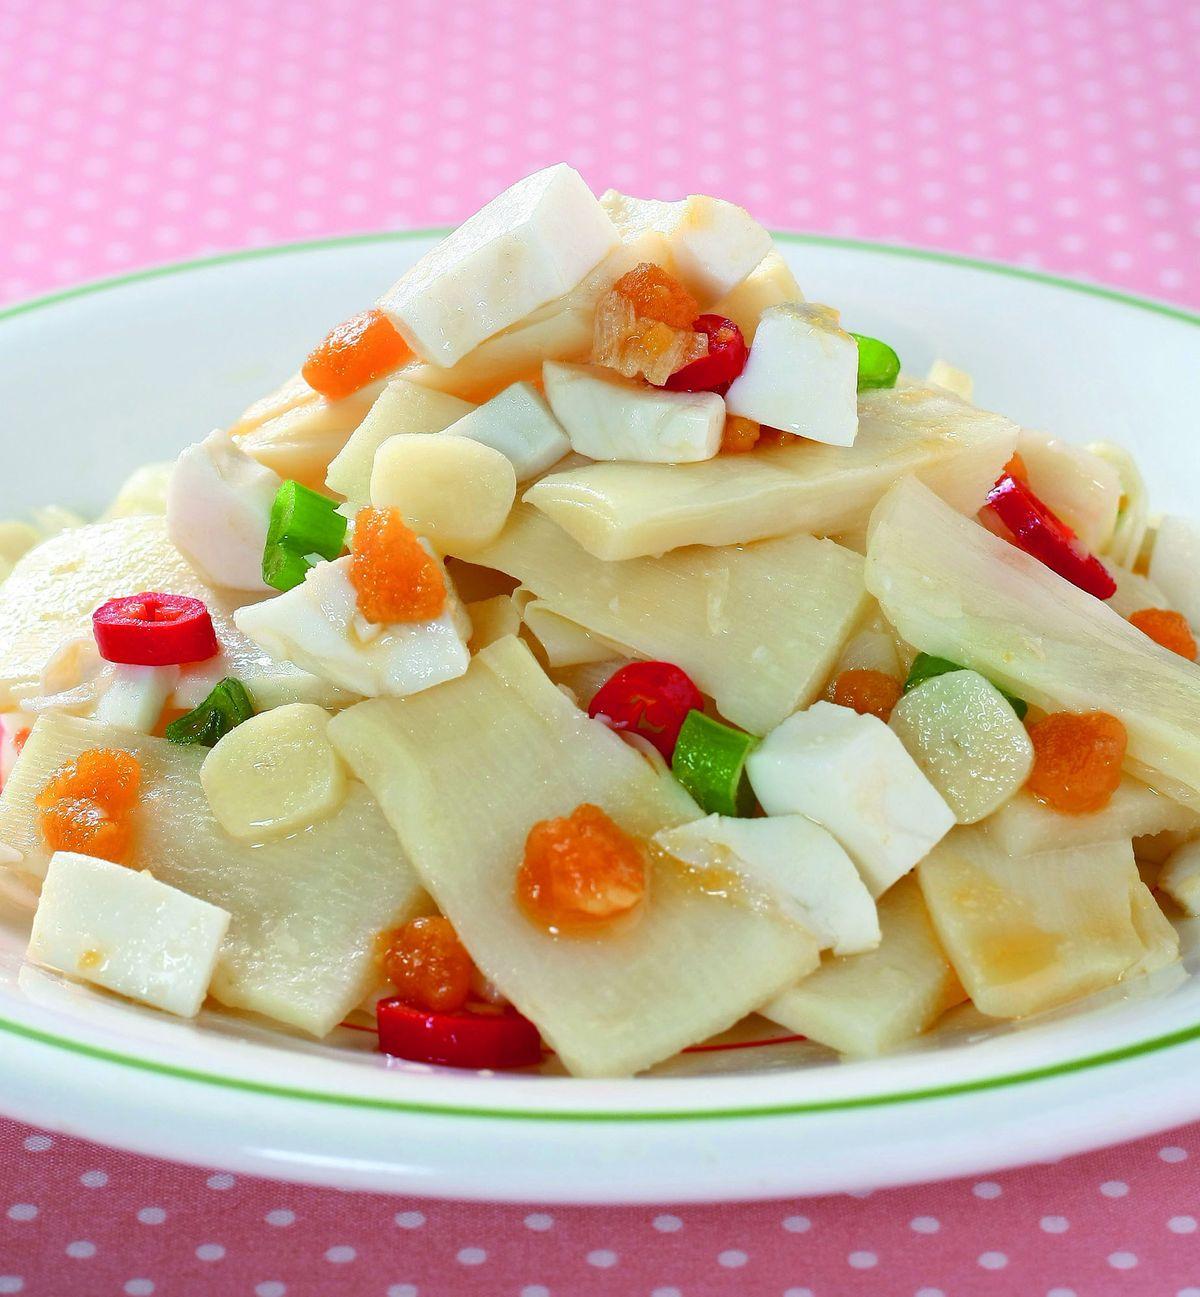 食譜:鹹蛋炒筍片